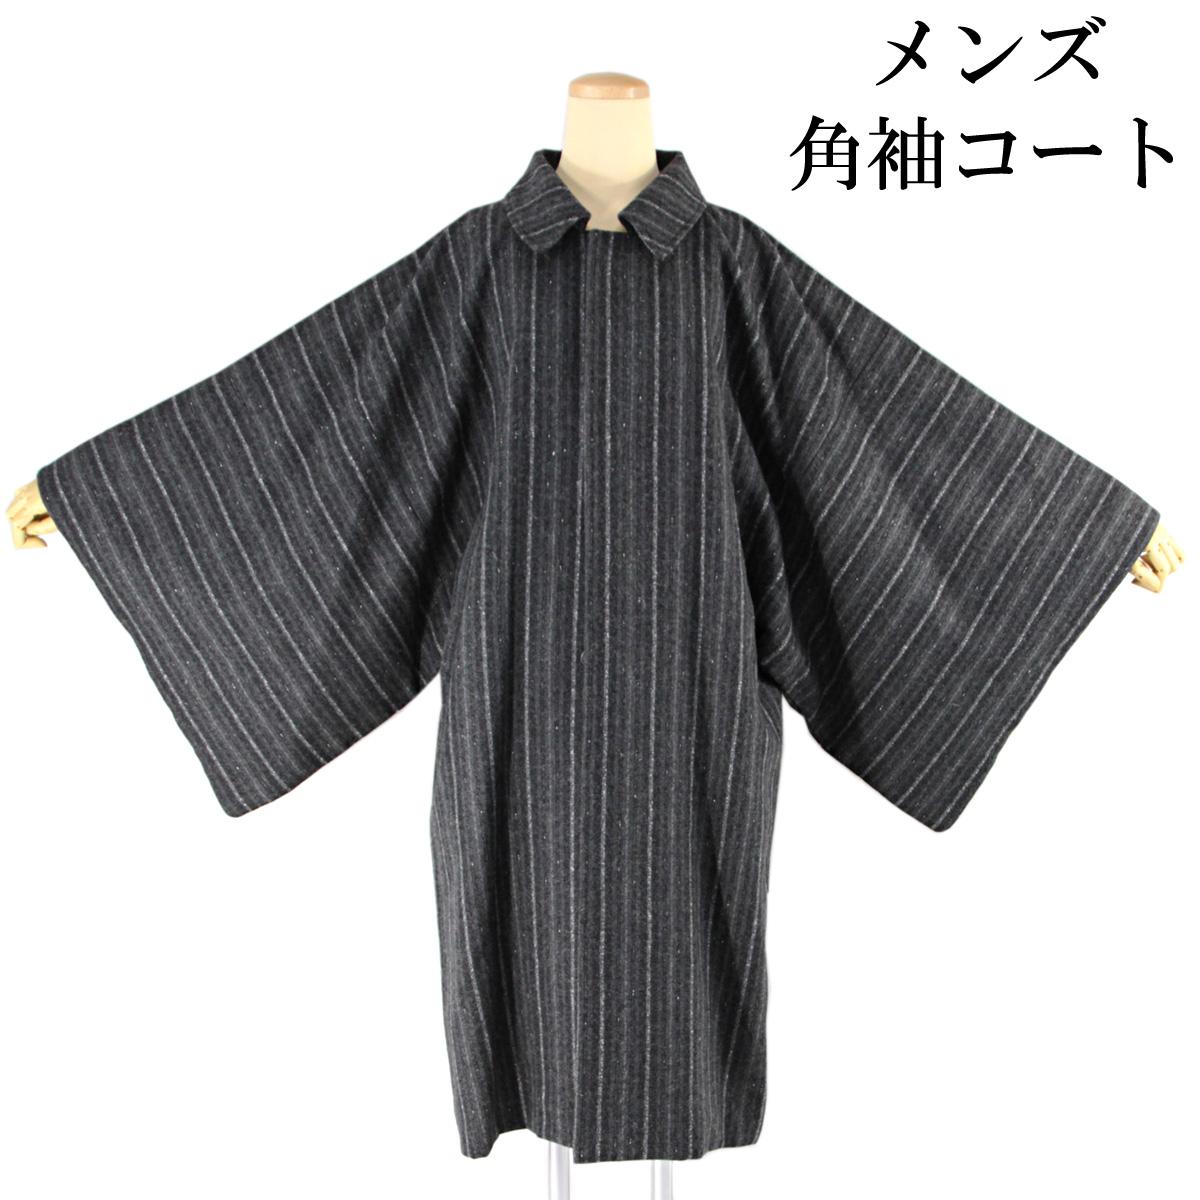 角袖コート -16- ウールコート 和装コート メンズ グレー